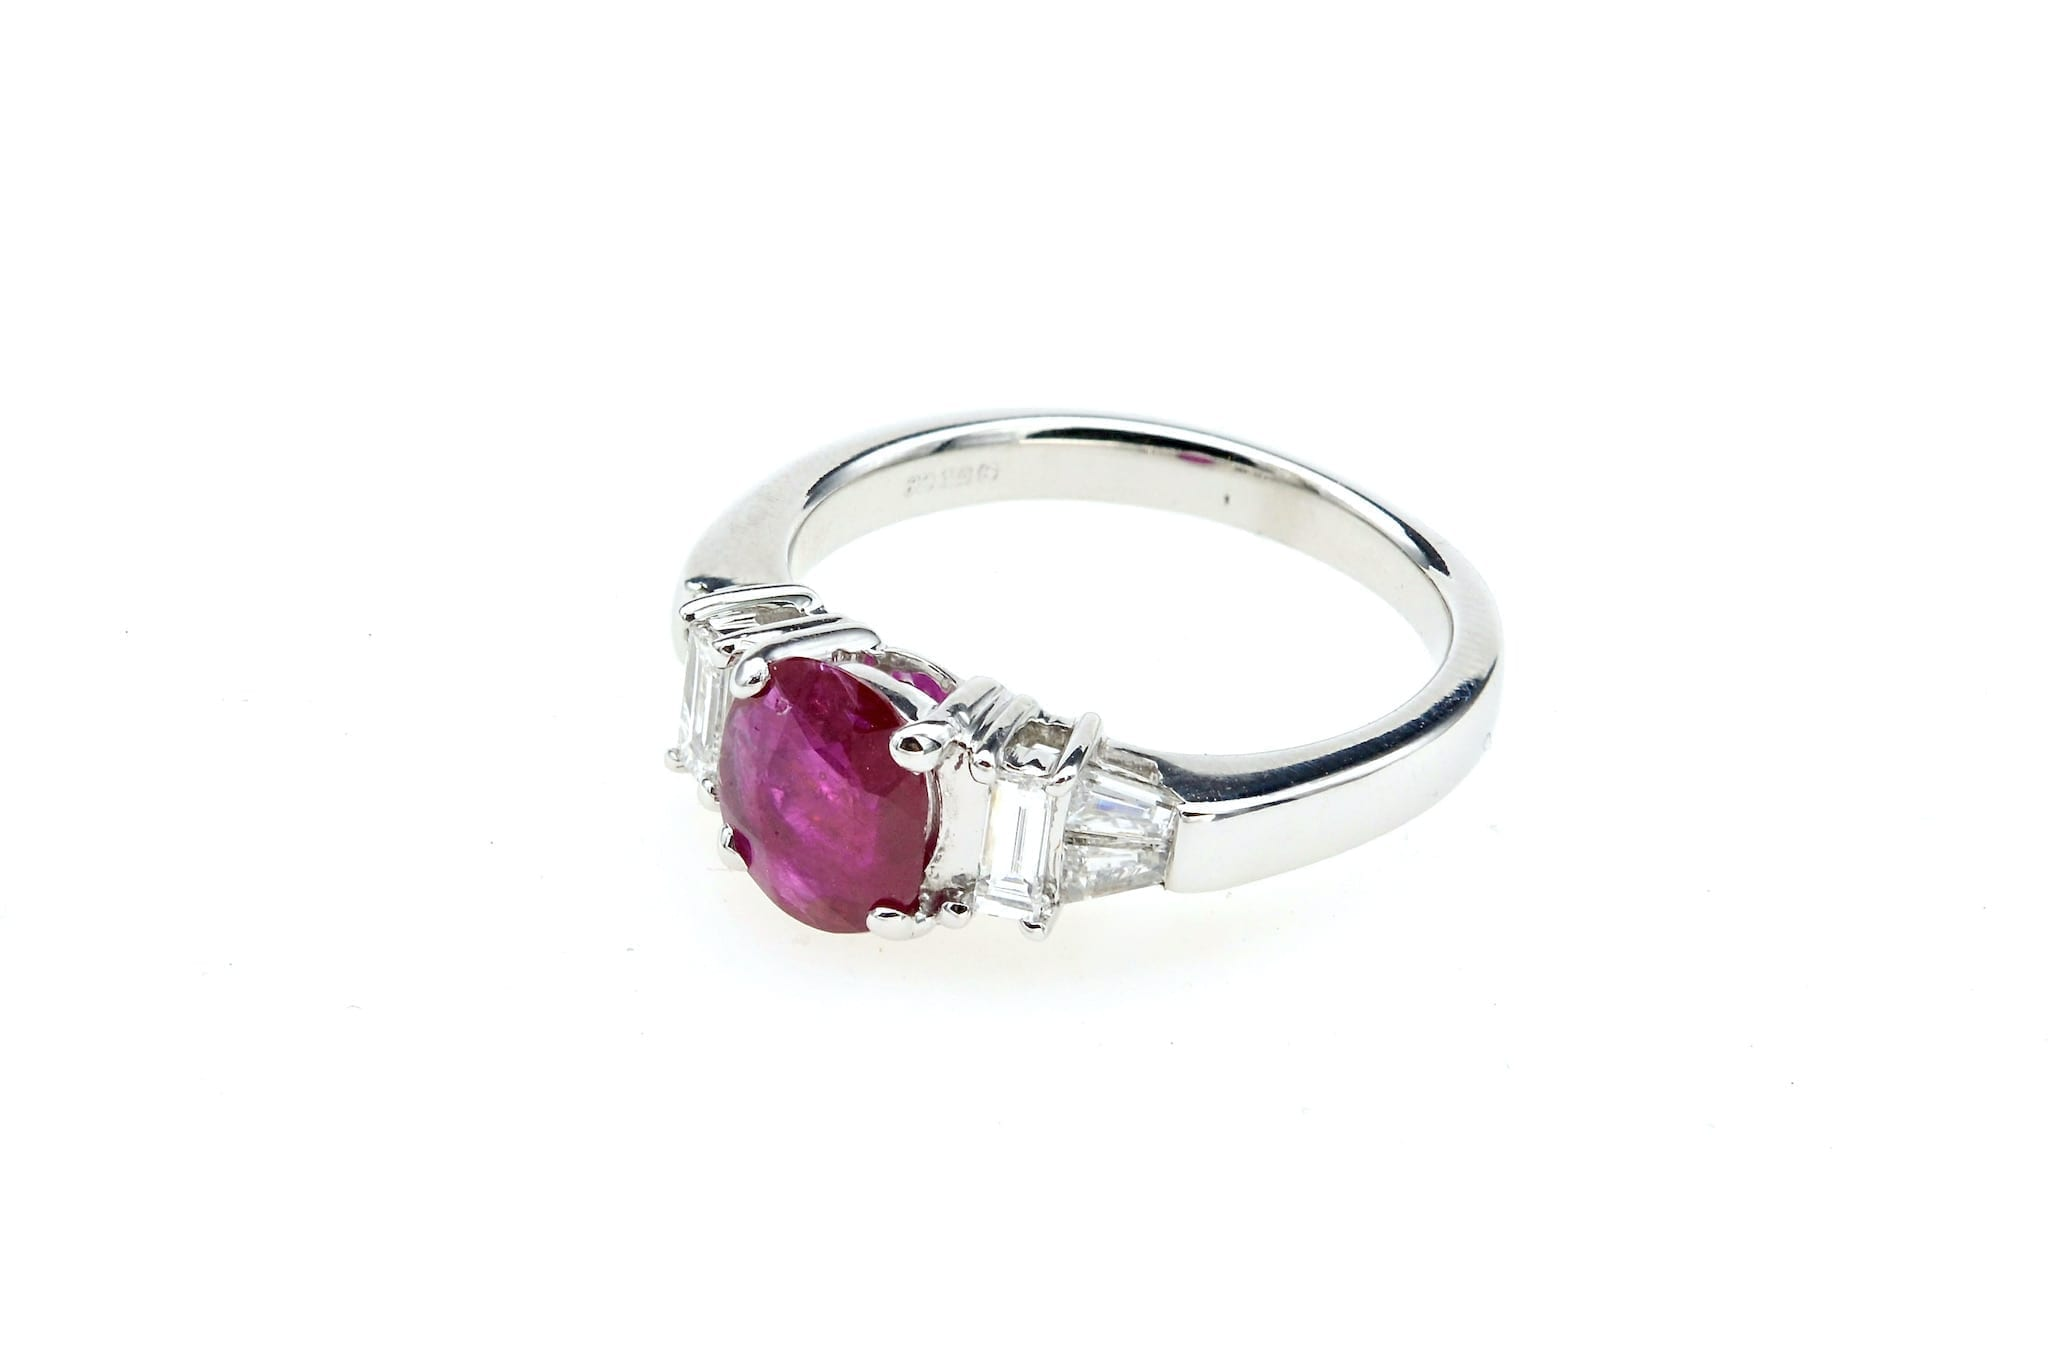 Bague rubis et diamants baguettes en or blanc 18k